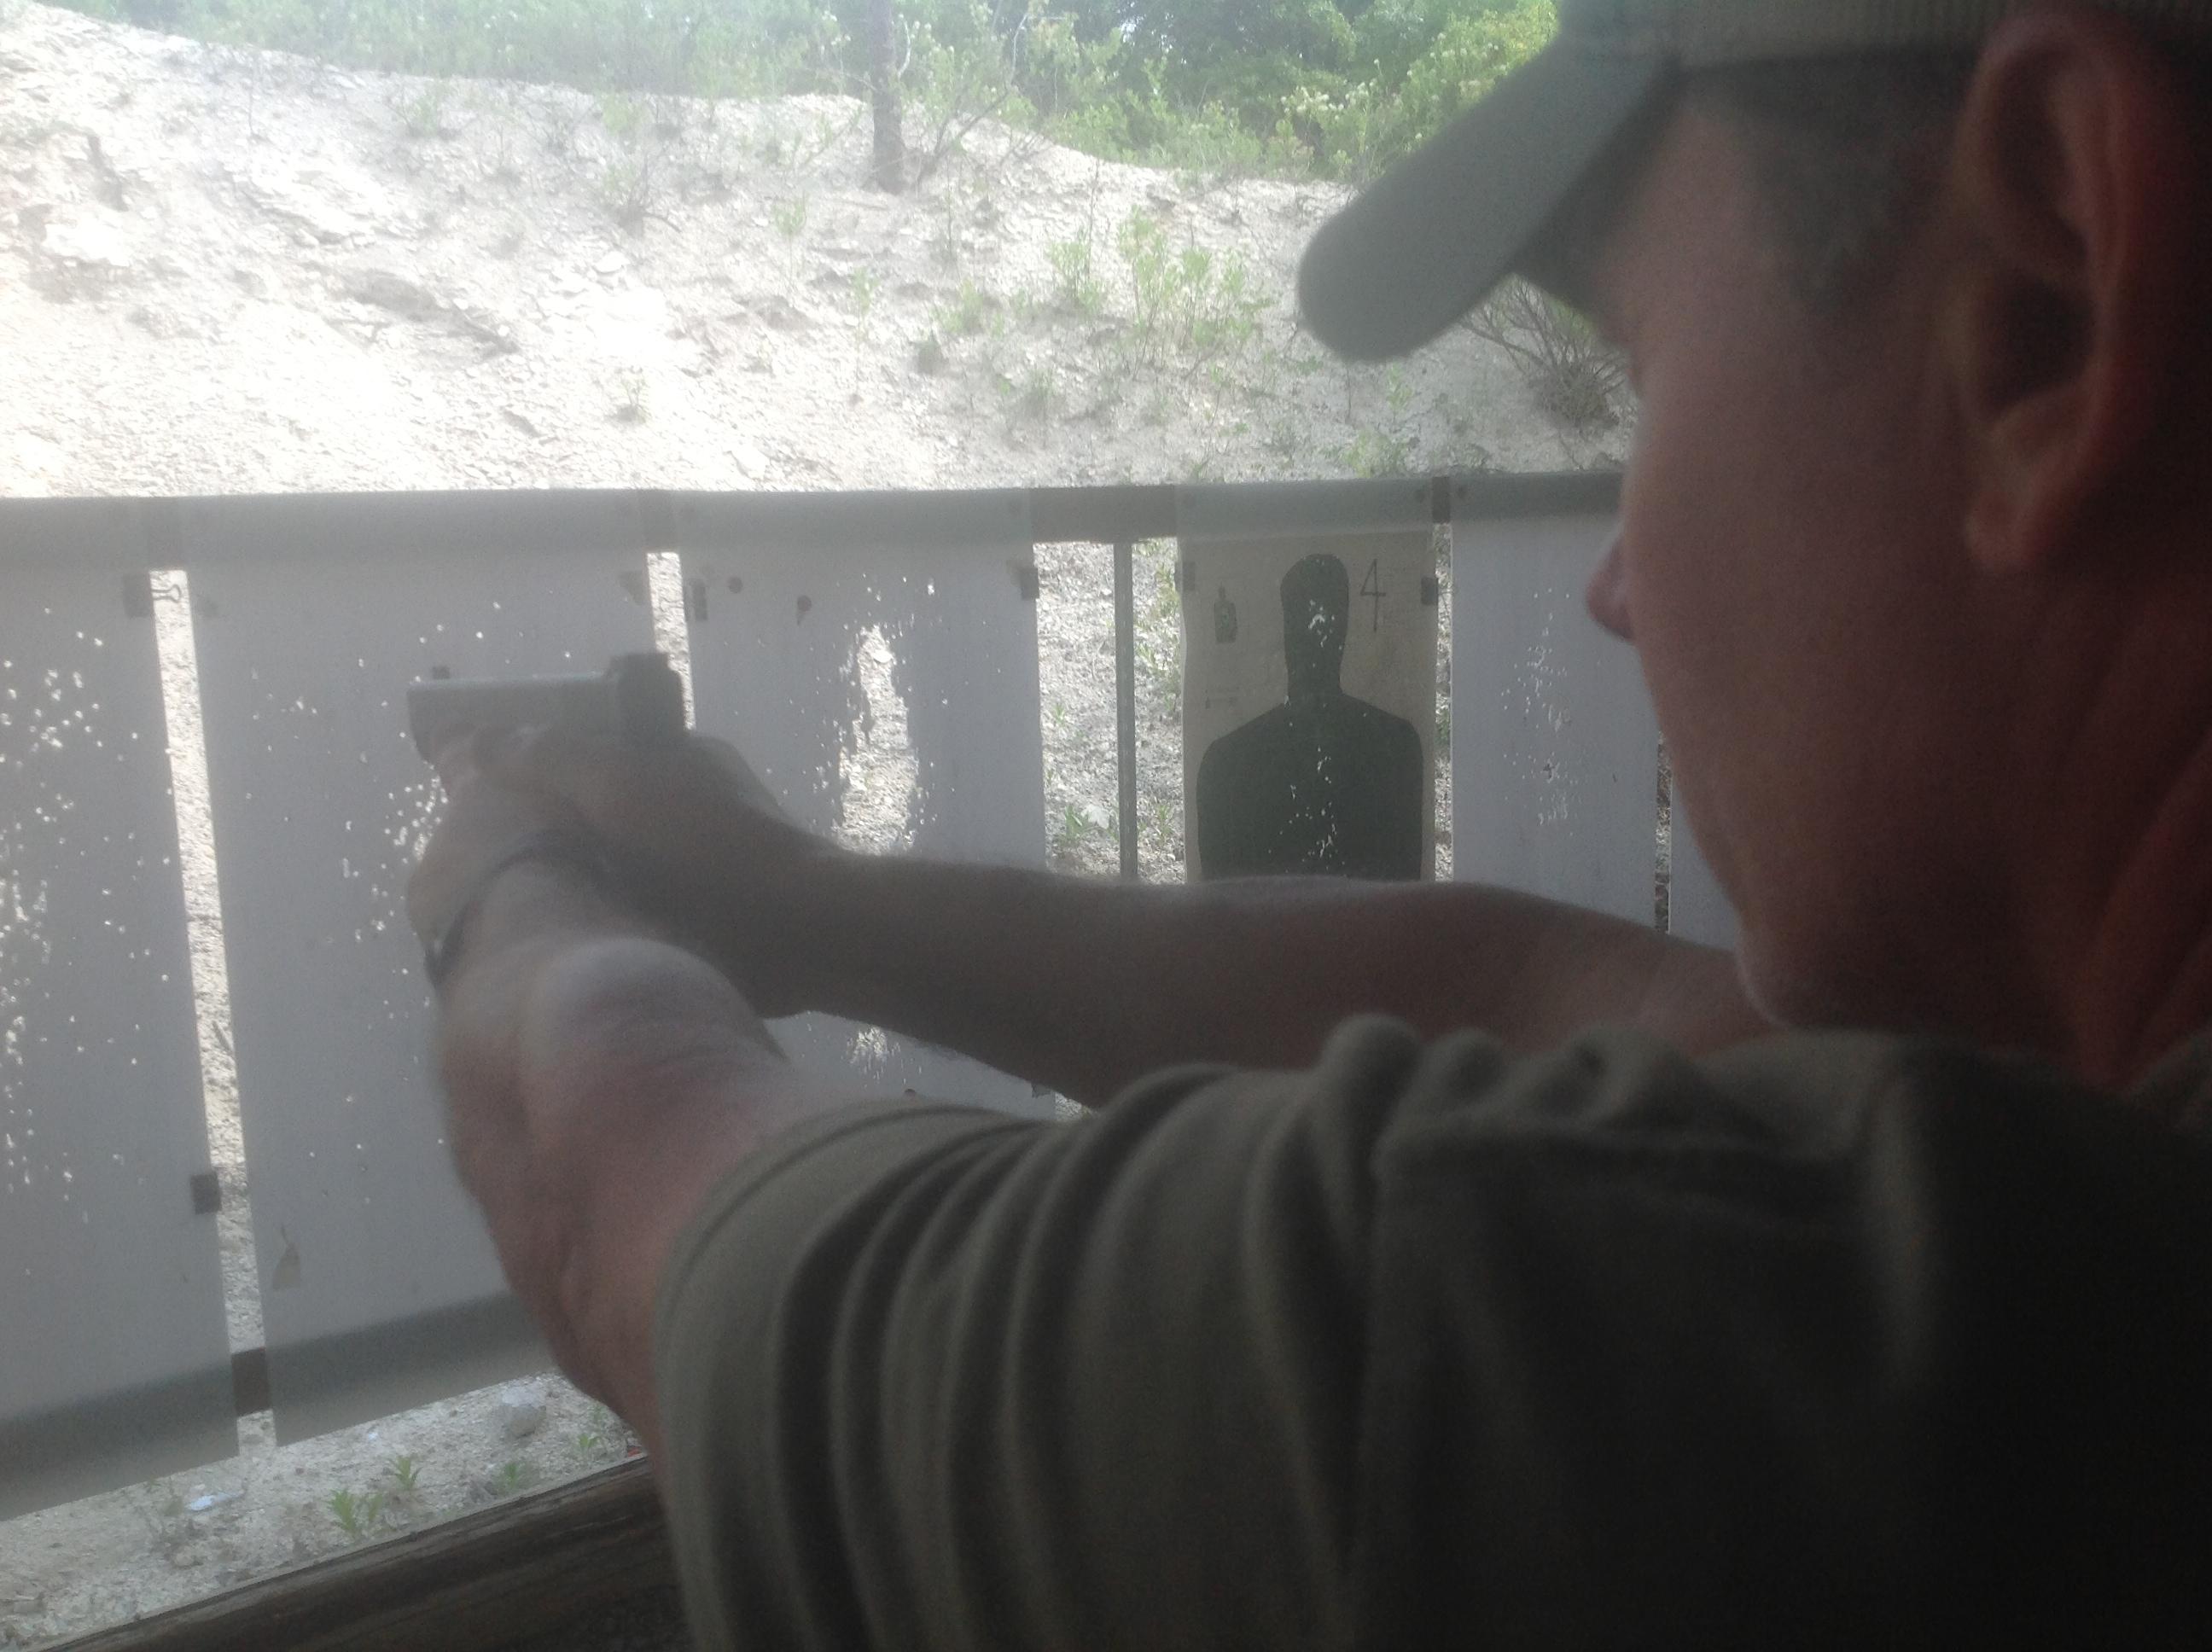 carrying a handgun